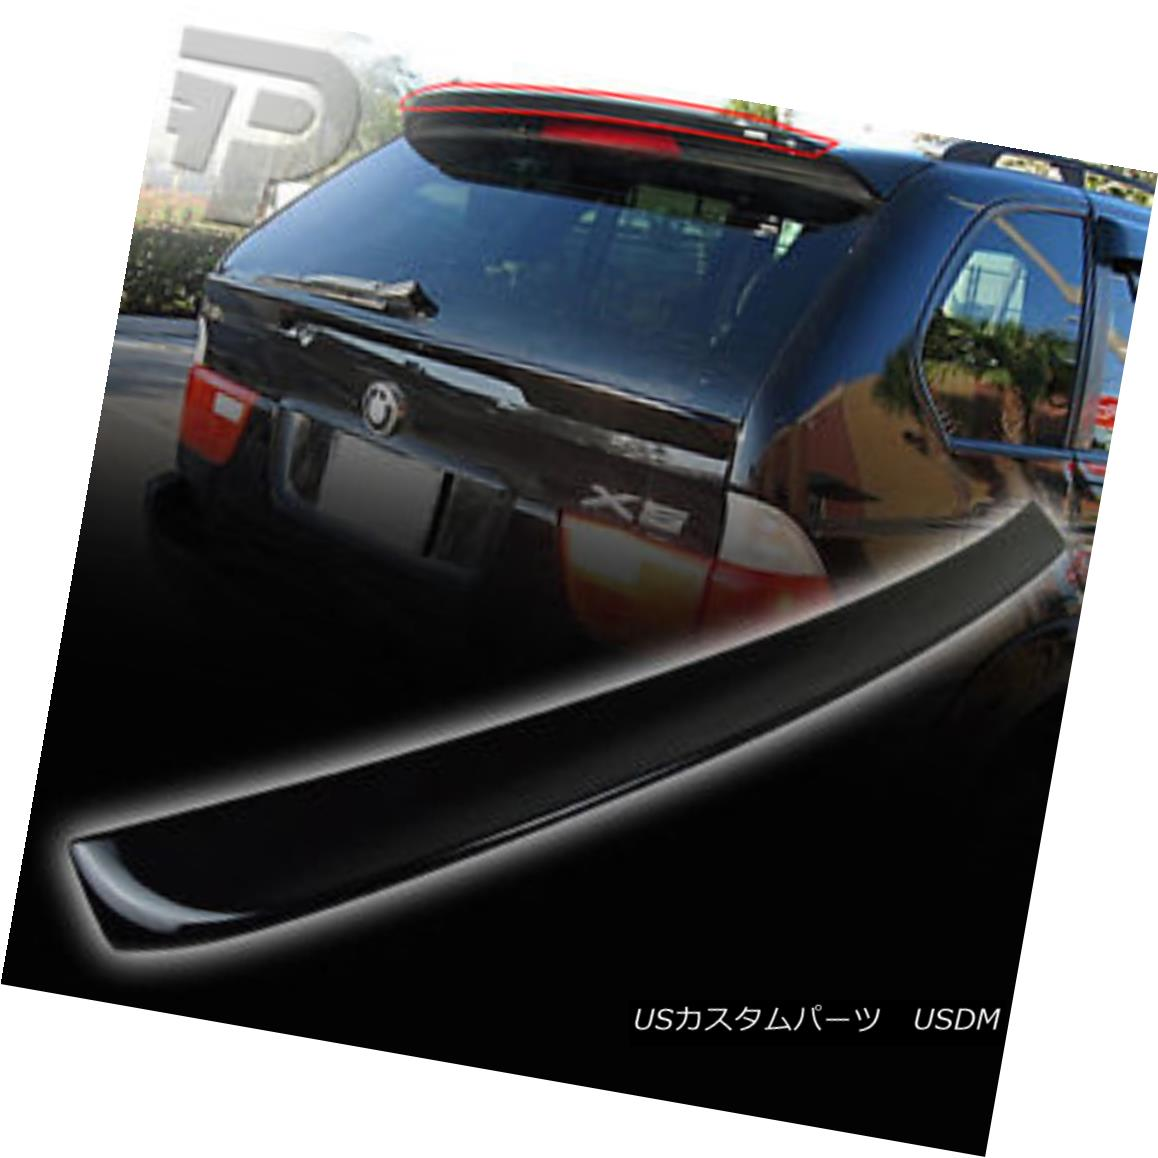 エアロパーツ PAINTED X5 E53 BMW REAR TRUNK SPOILER A STYLE 475 BLACK ▼ ペイント済みX5 E53 BMWリアトランクスポイラースタイル475ブラック?